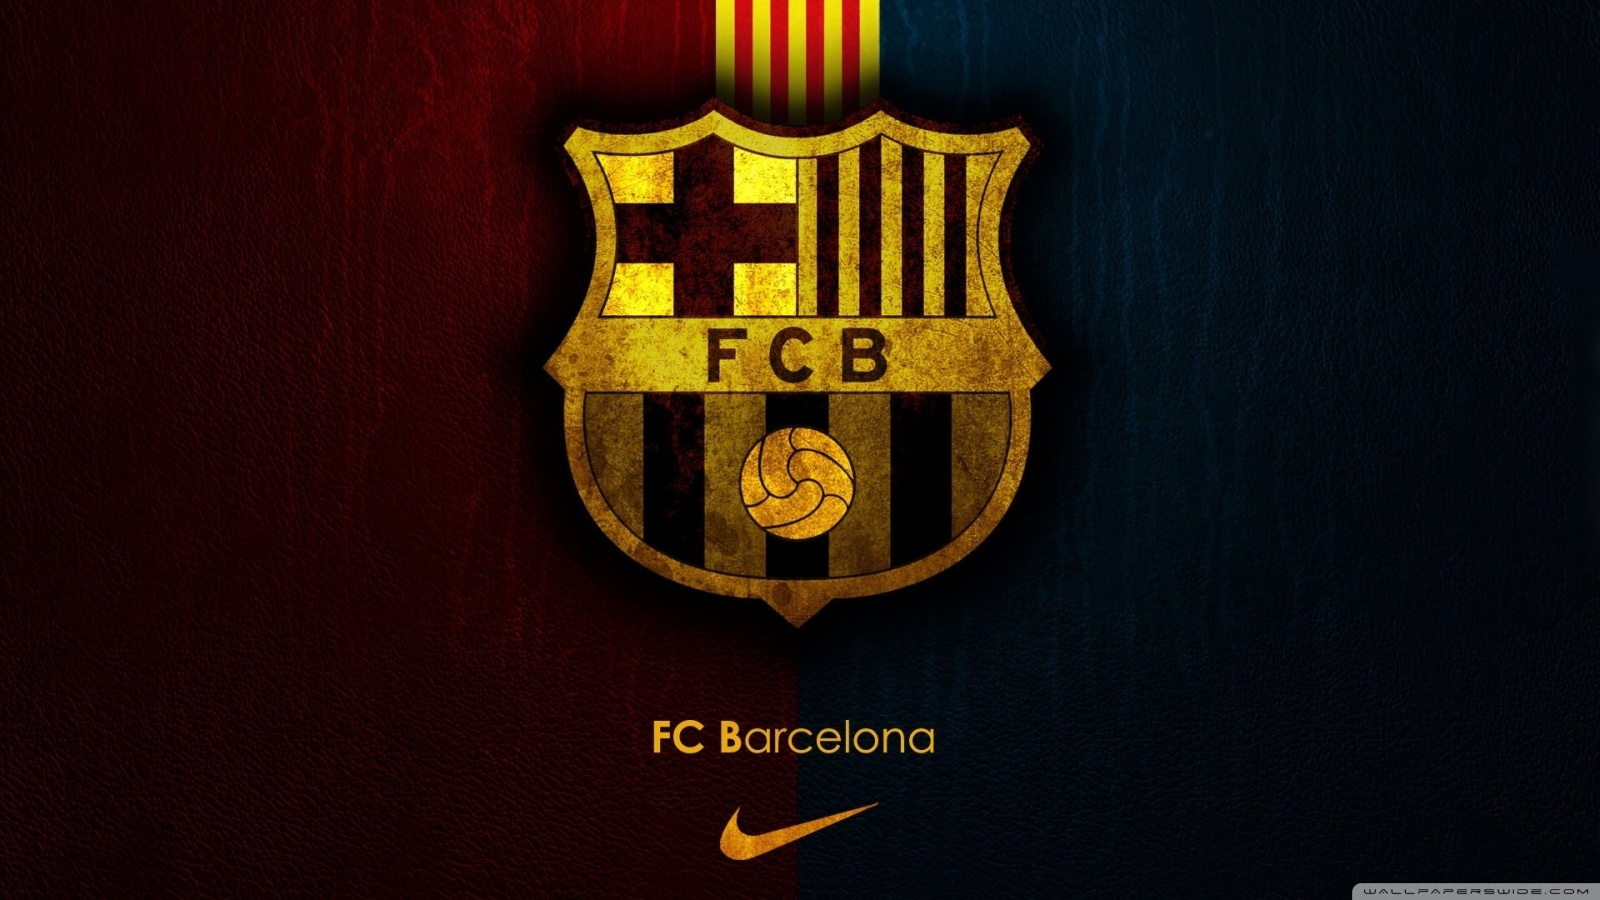 19383 Hintergrundbild herunterladen Fußball, Sport, Logos, Barcelona - Bildschirmschoner und Bilder kostenlos